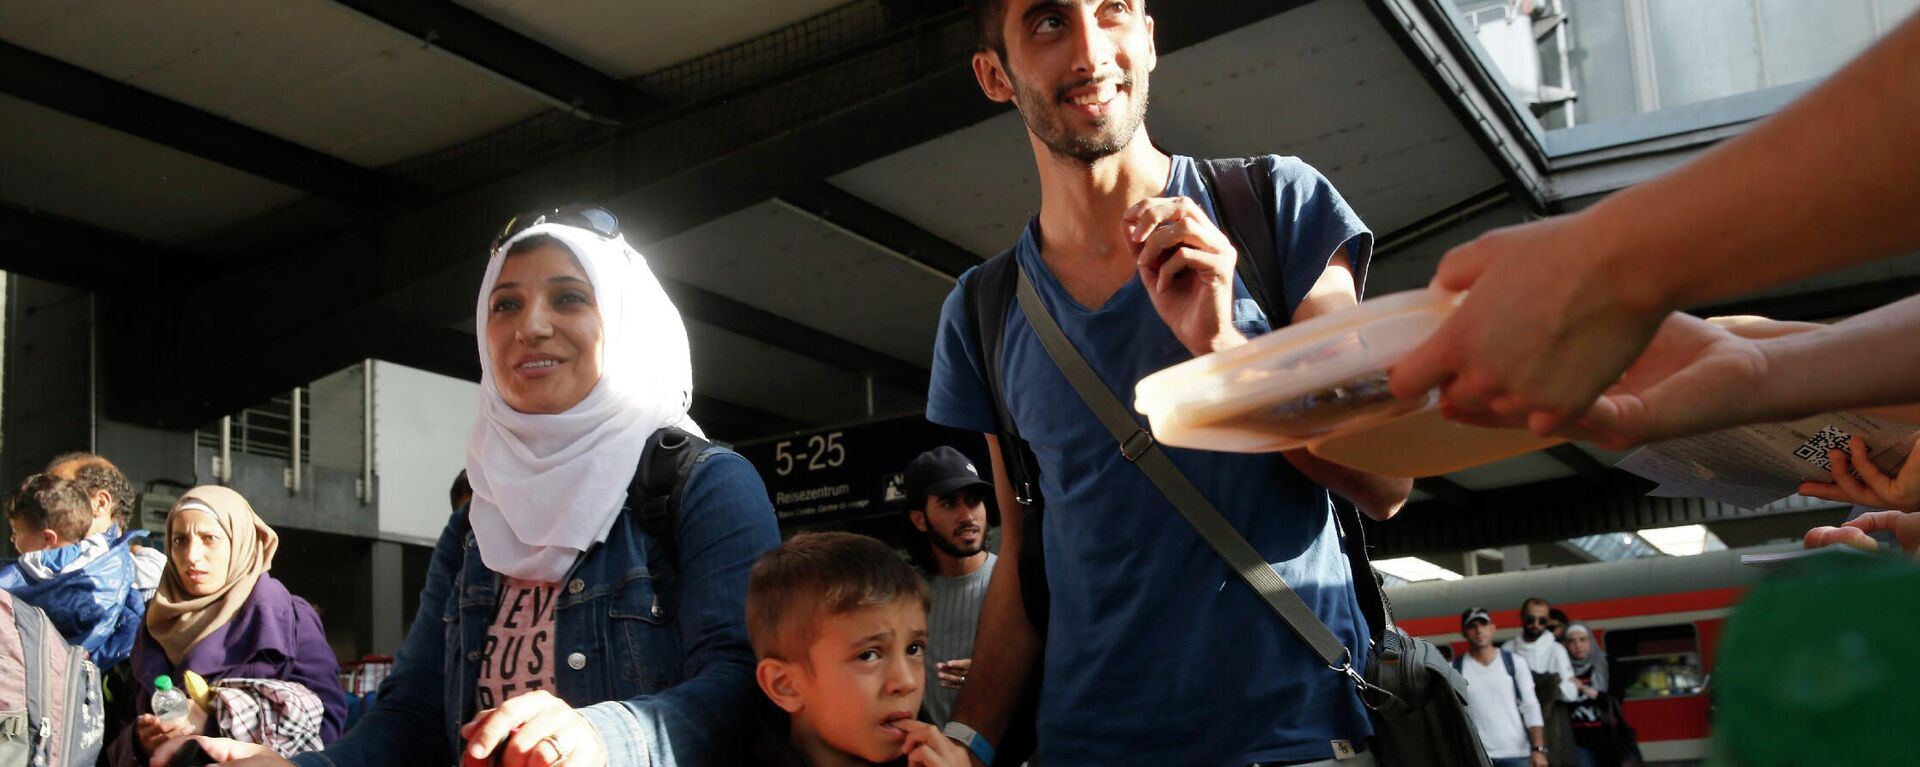 Ankunft der Nahost-Flüchtlinge im Bahnhof München (Archivbild) - SNA, 1920, 17.08.2021